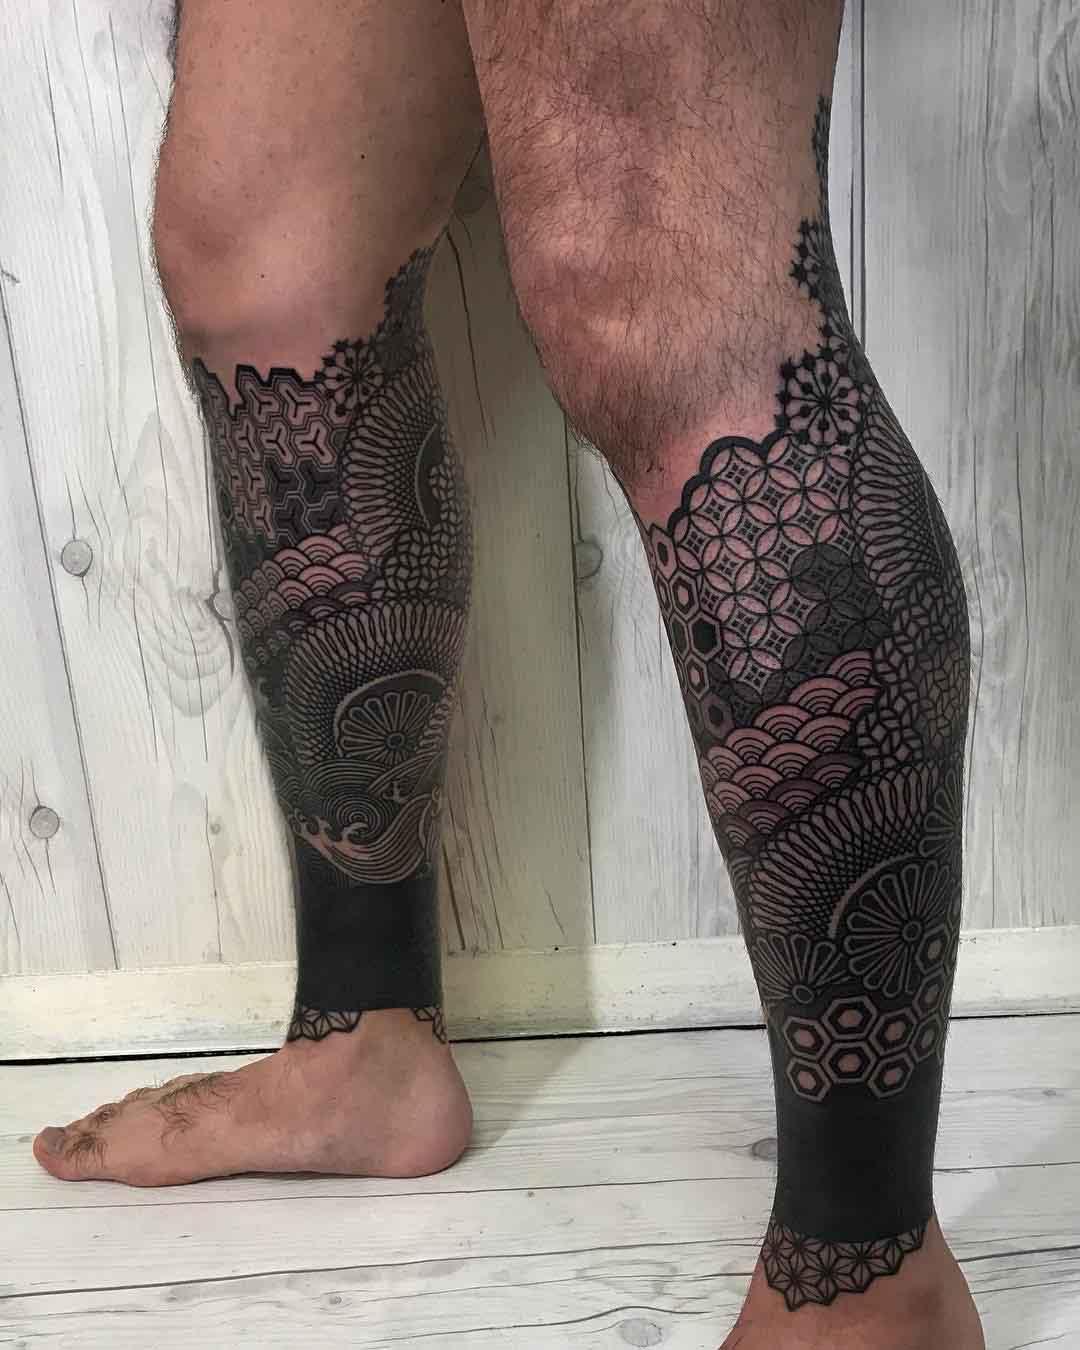 calf sleeves tattoo on leg